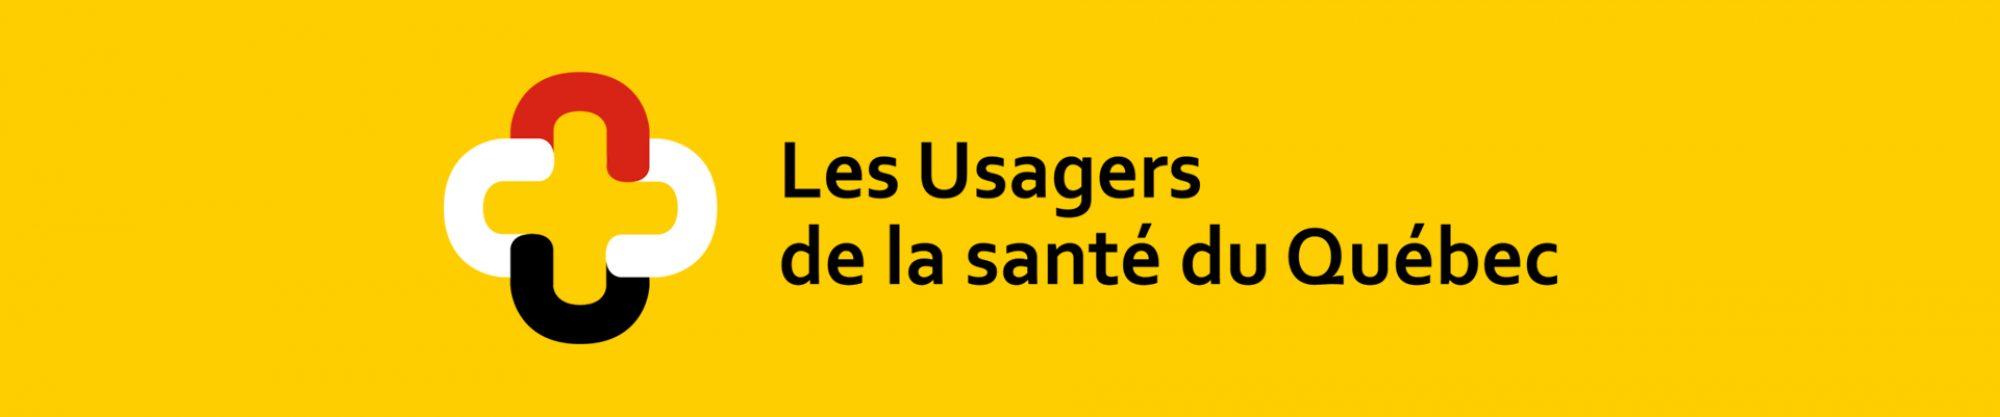 Les Usagers de la santé du Québec